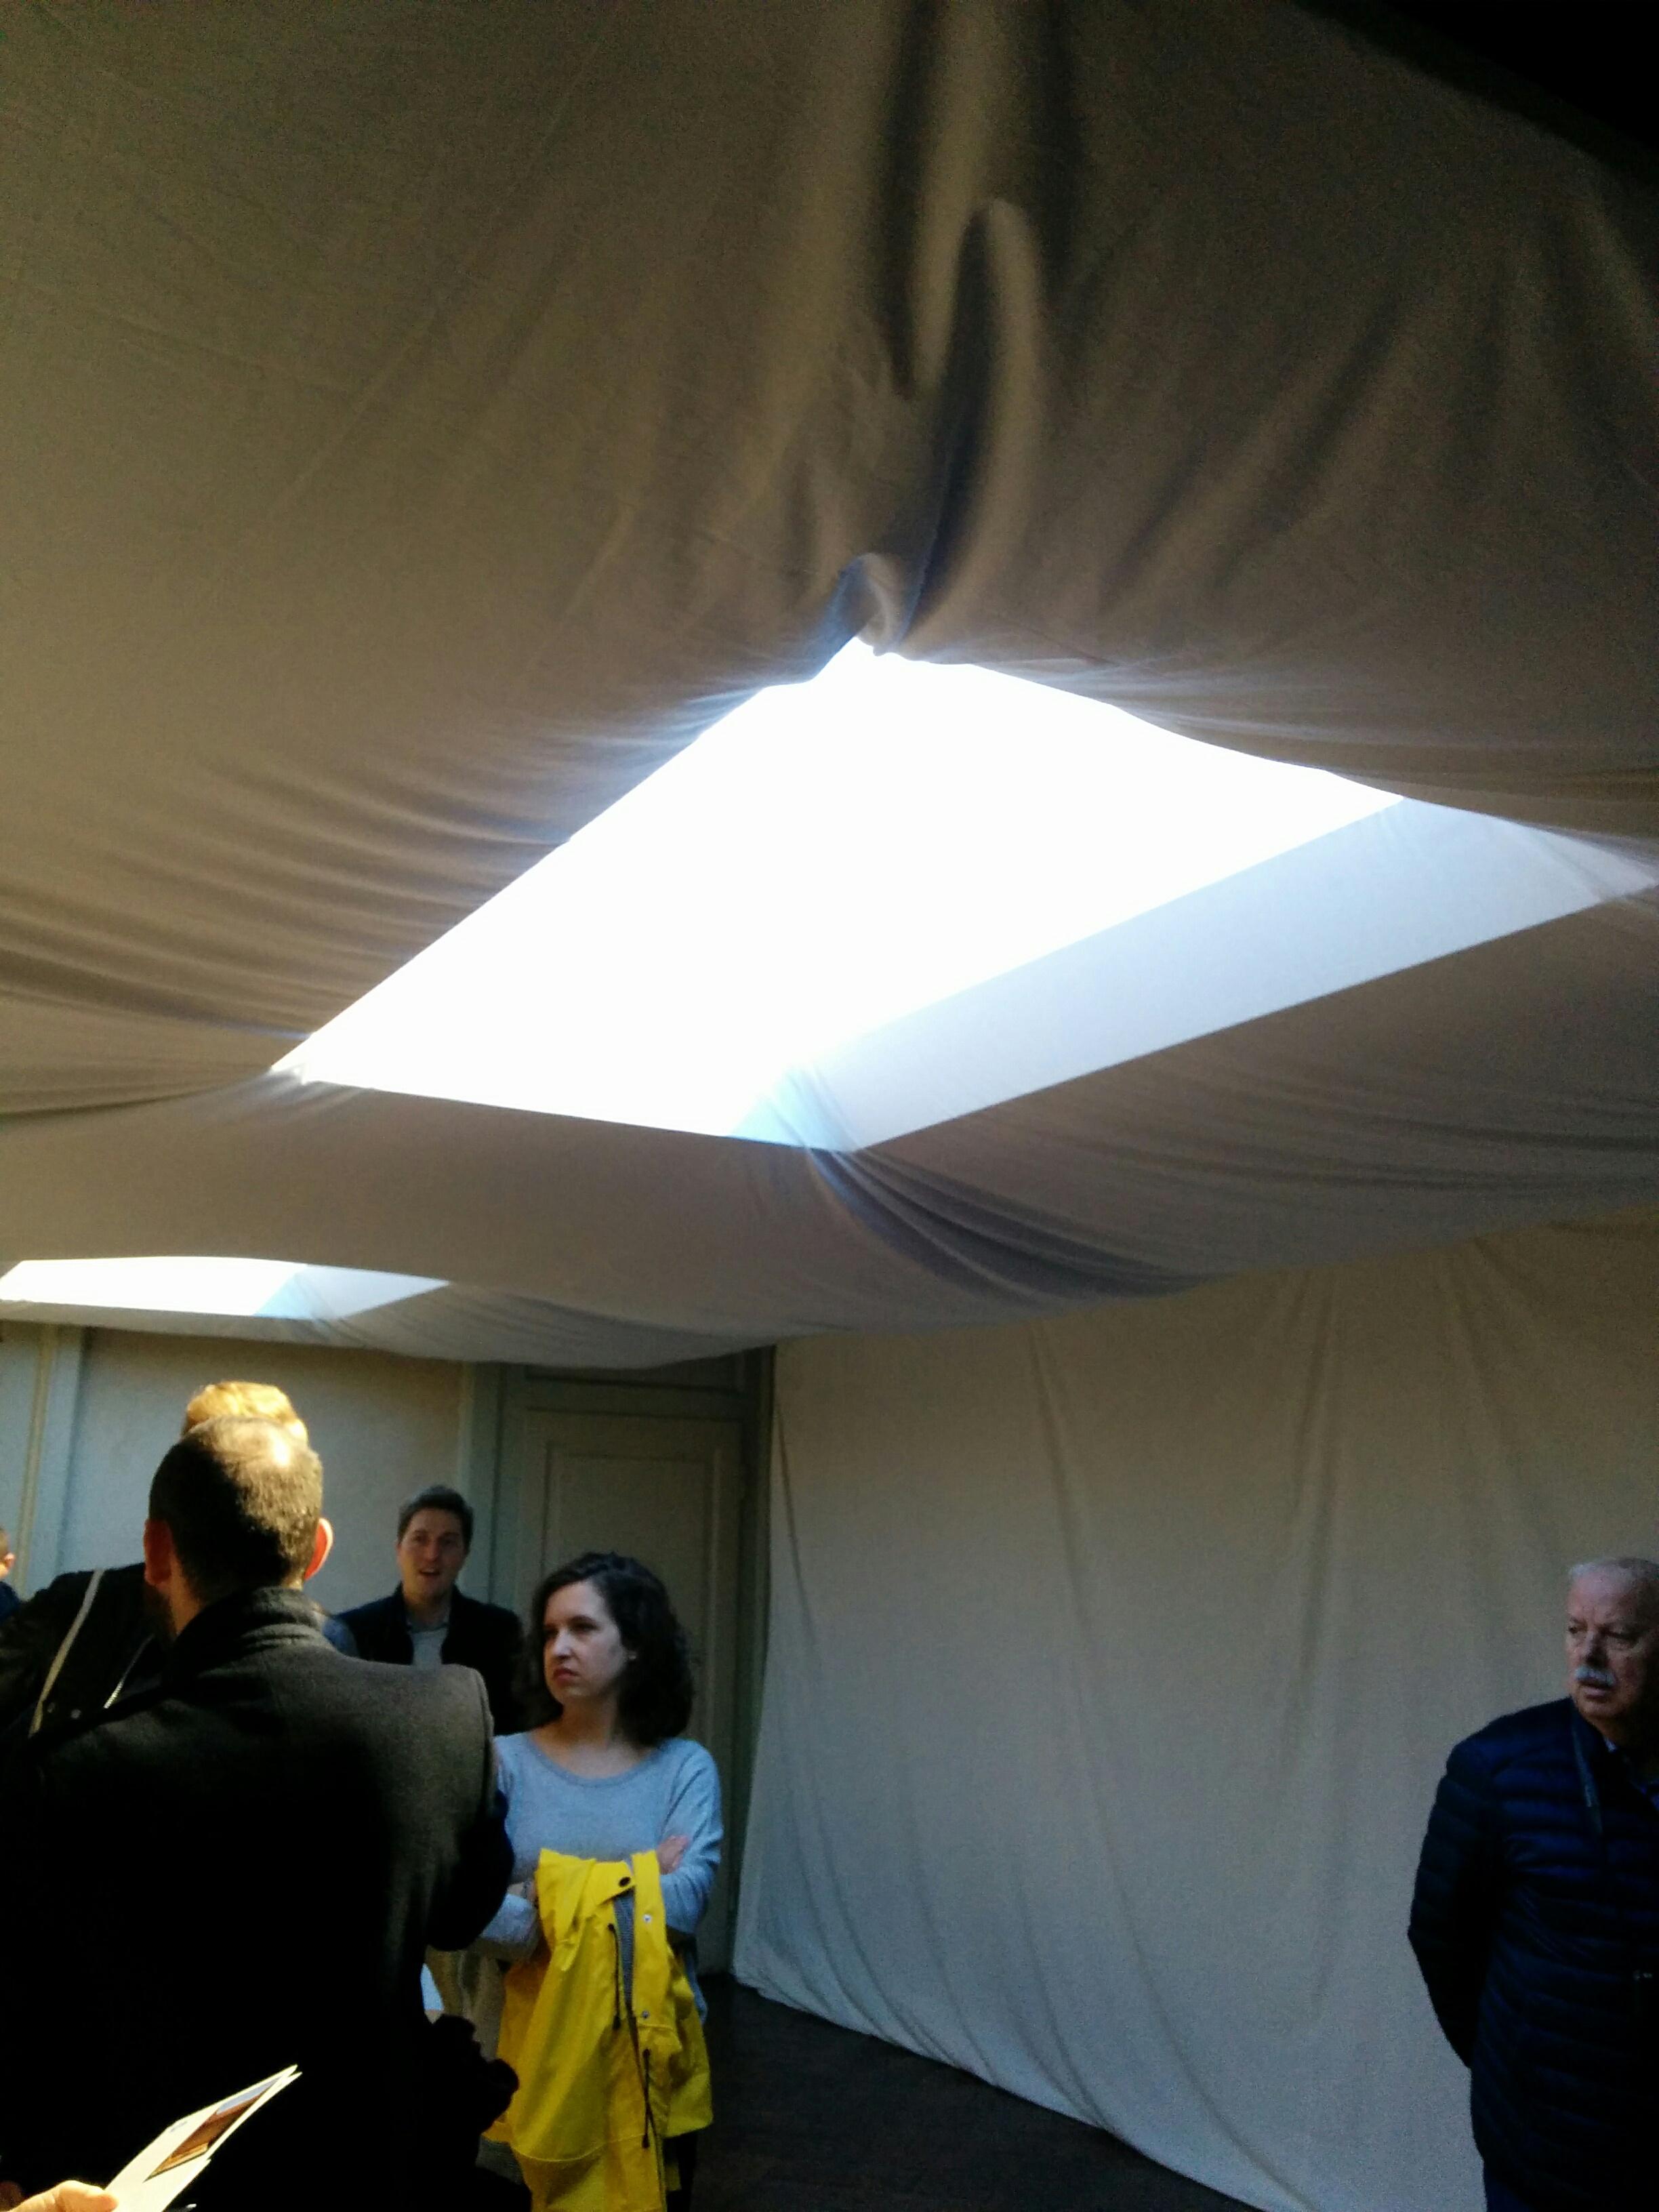 Forum illuminare una stanza senza finestre - Finestre a soffitto ...